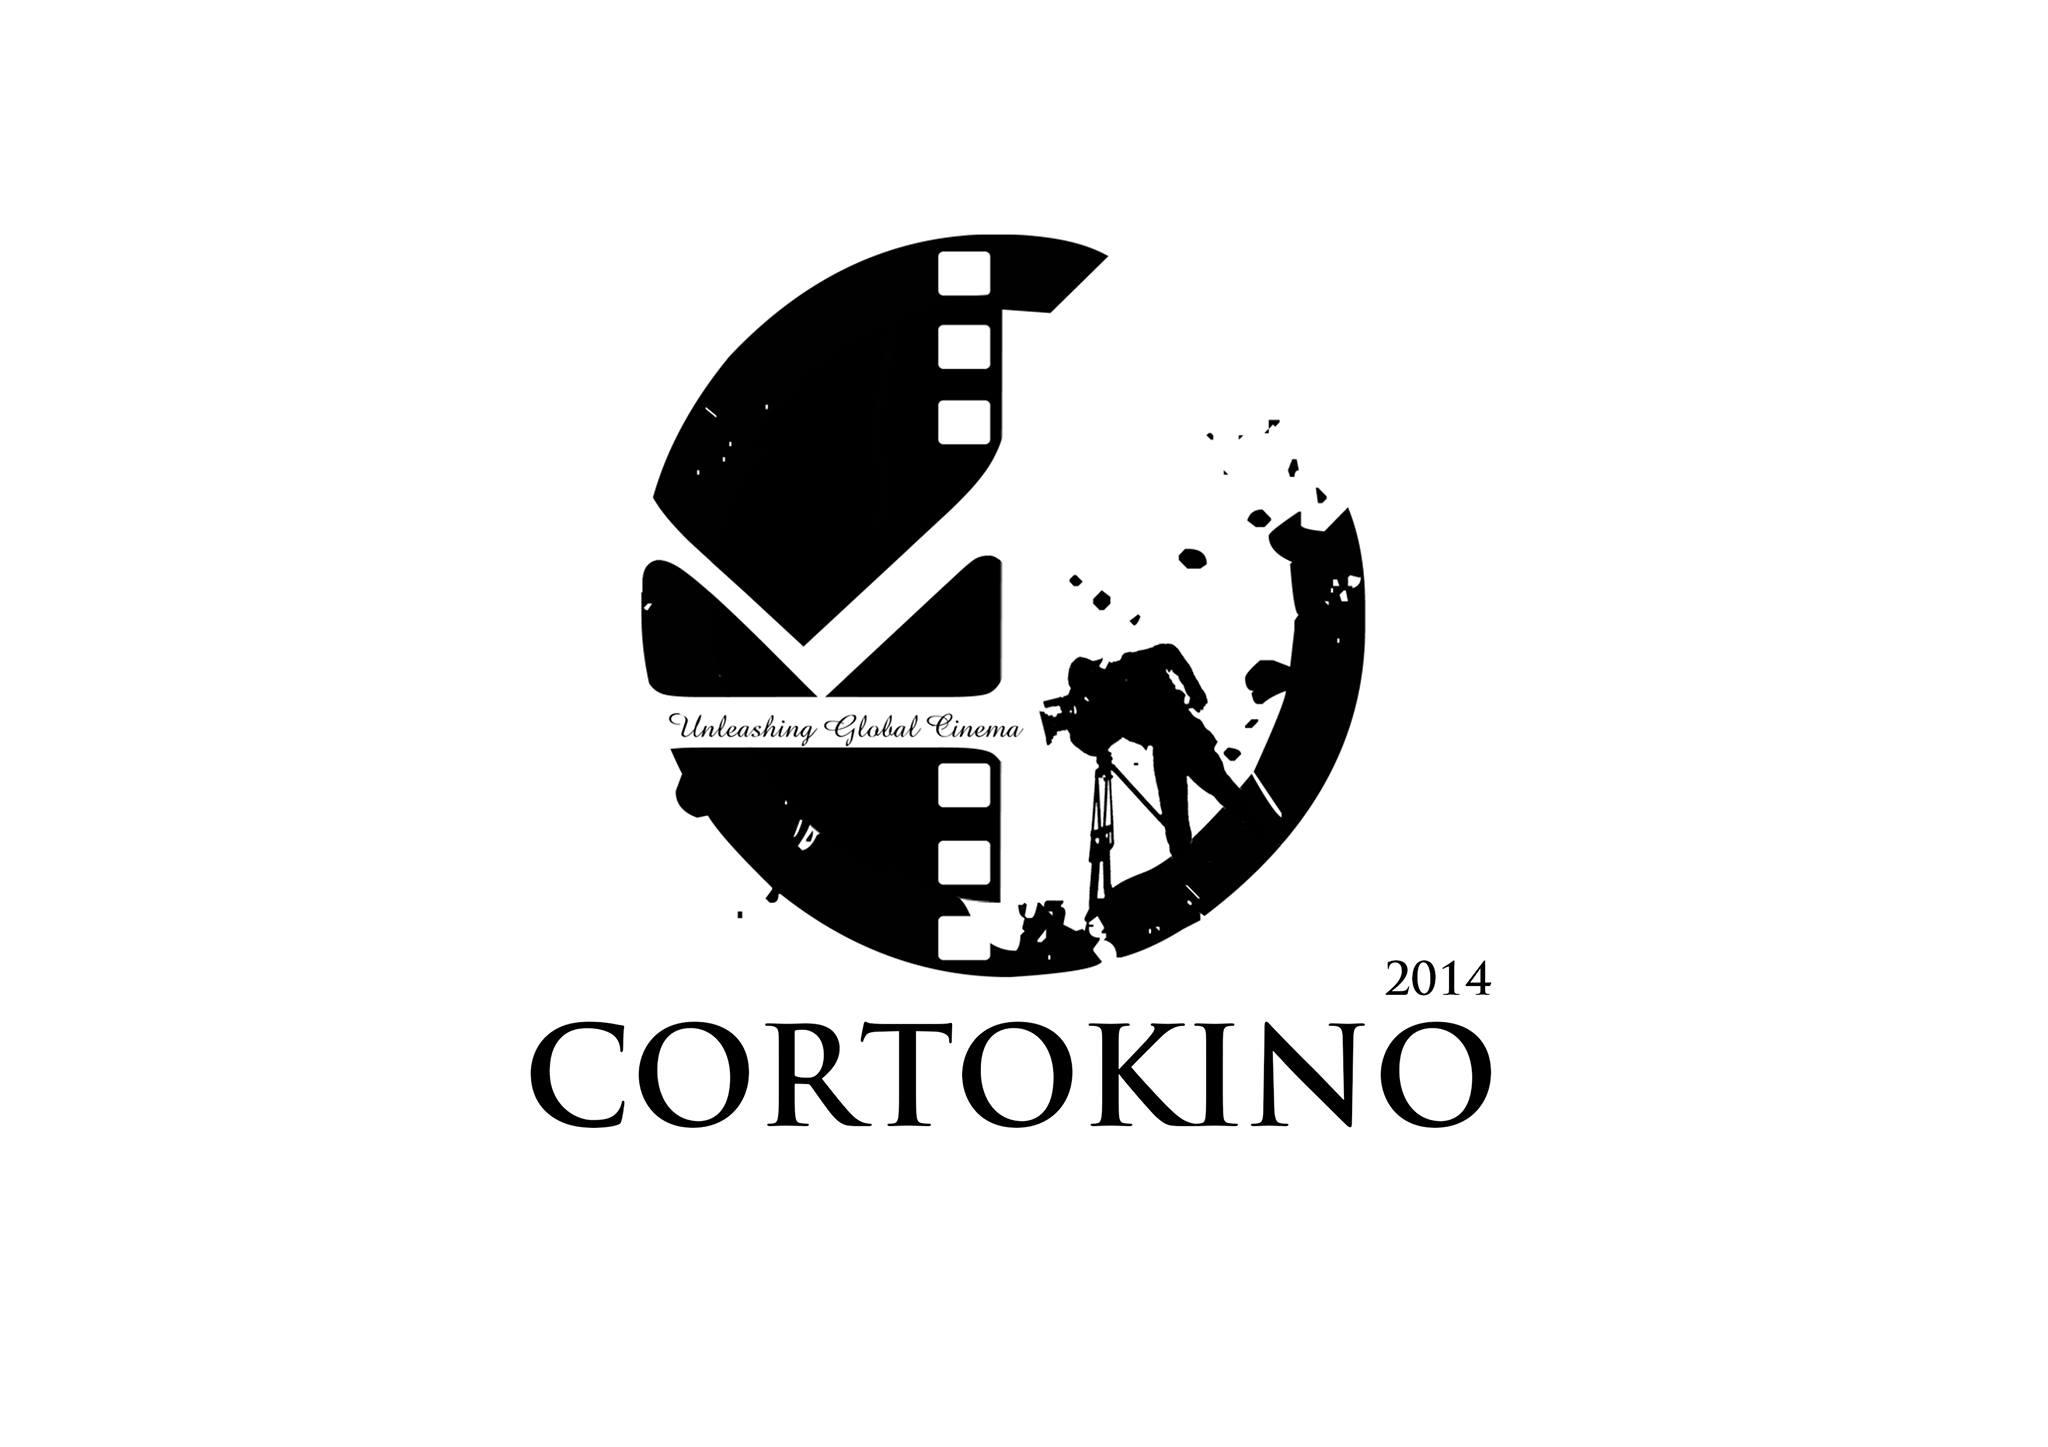 CortoKino